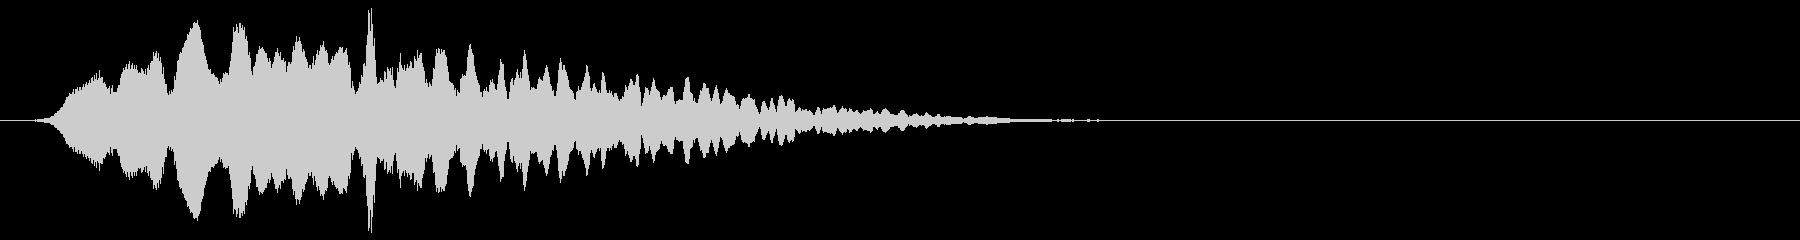 不気味で金属的なエコーする効果音の未再生の波形